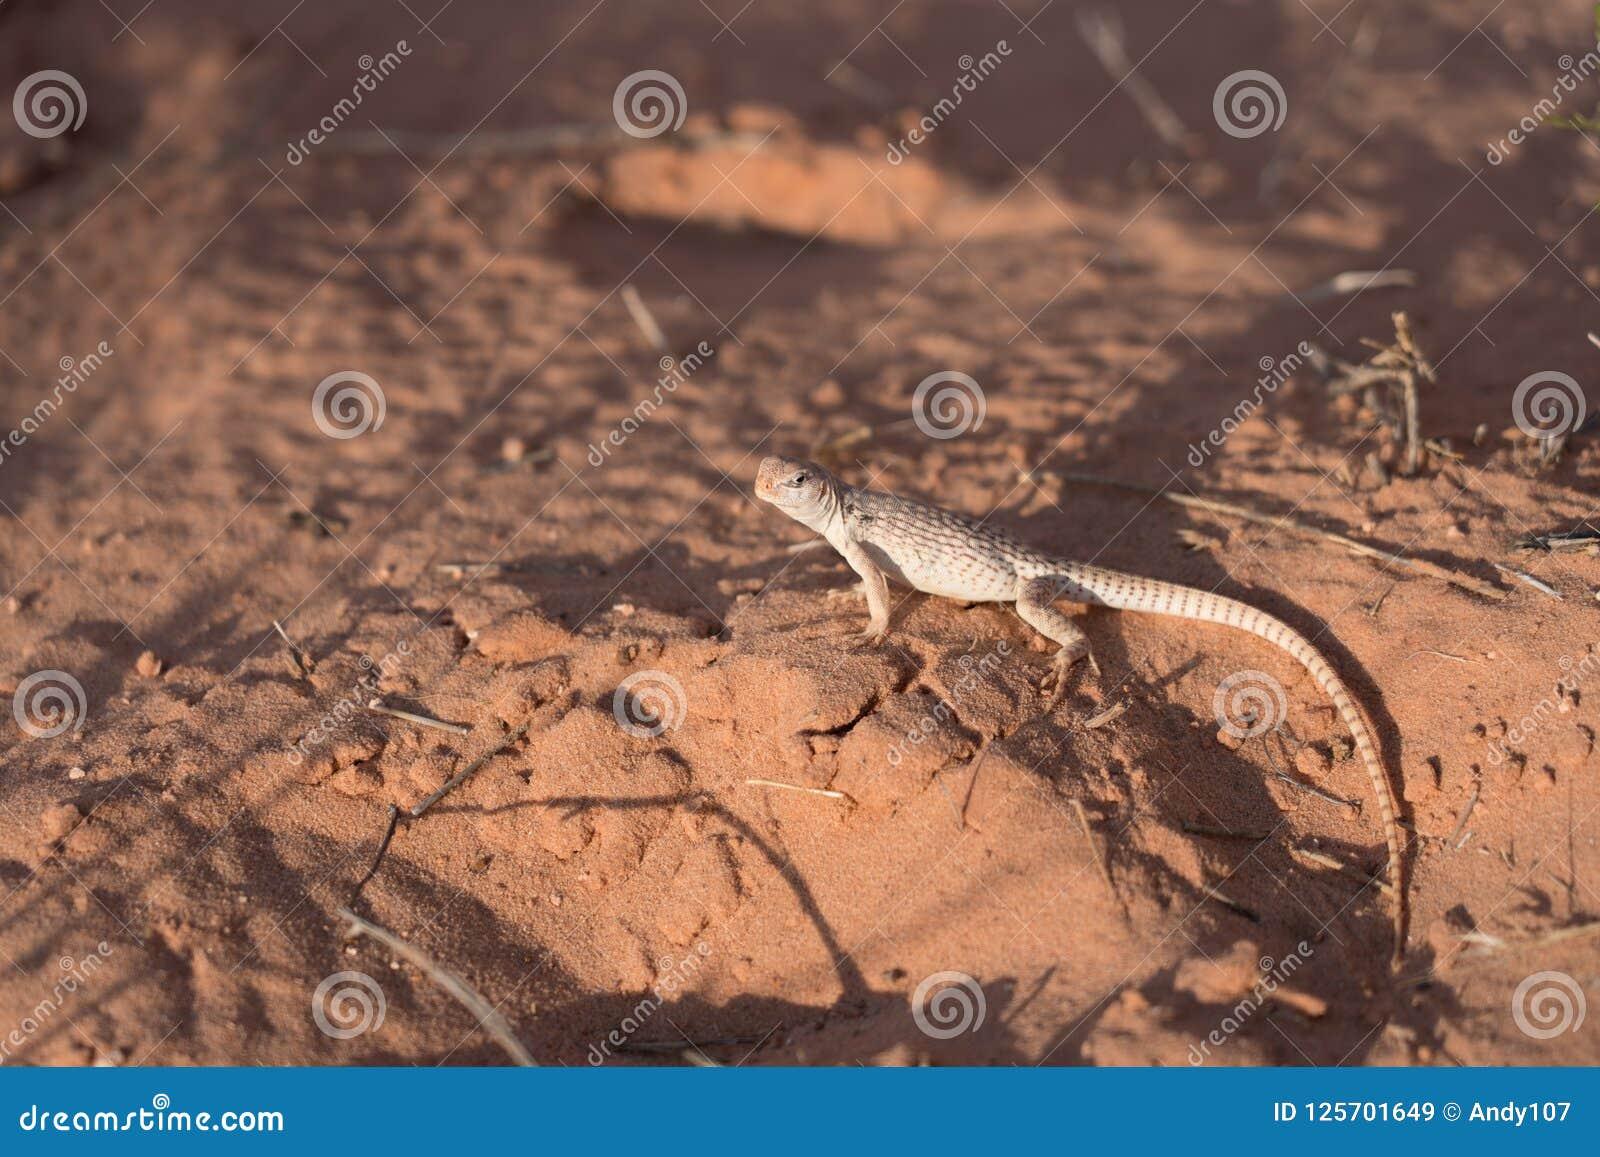 Πλάγια όψη του ερπετού στην έρημο που ξανακοιτάζει